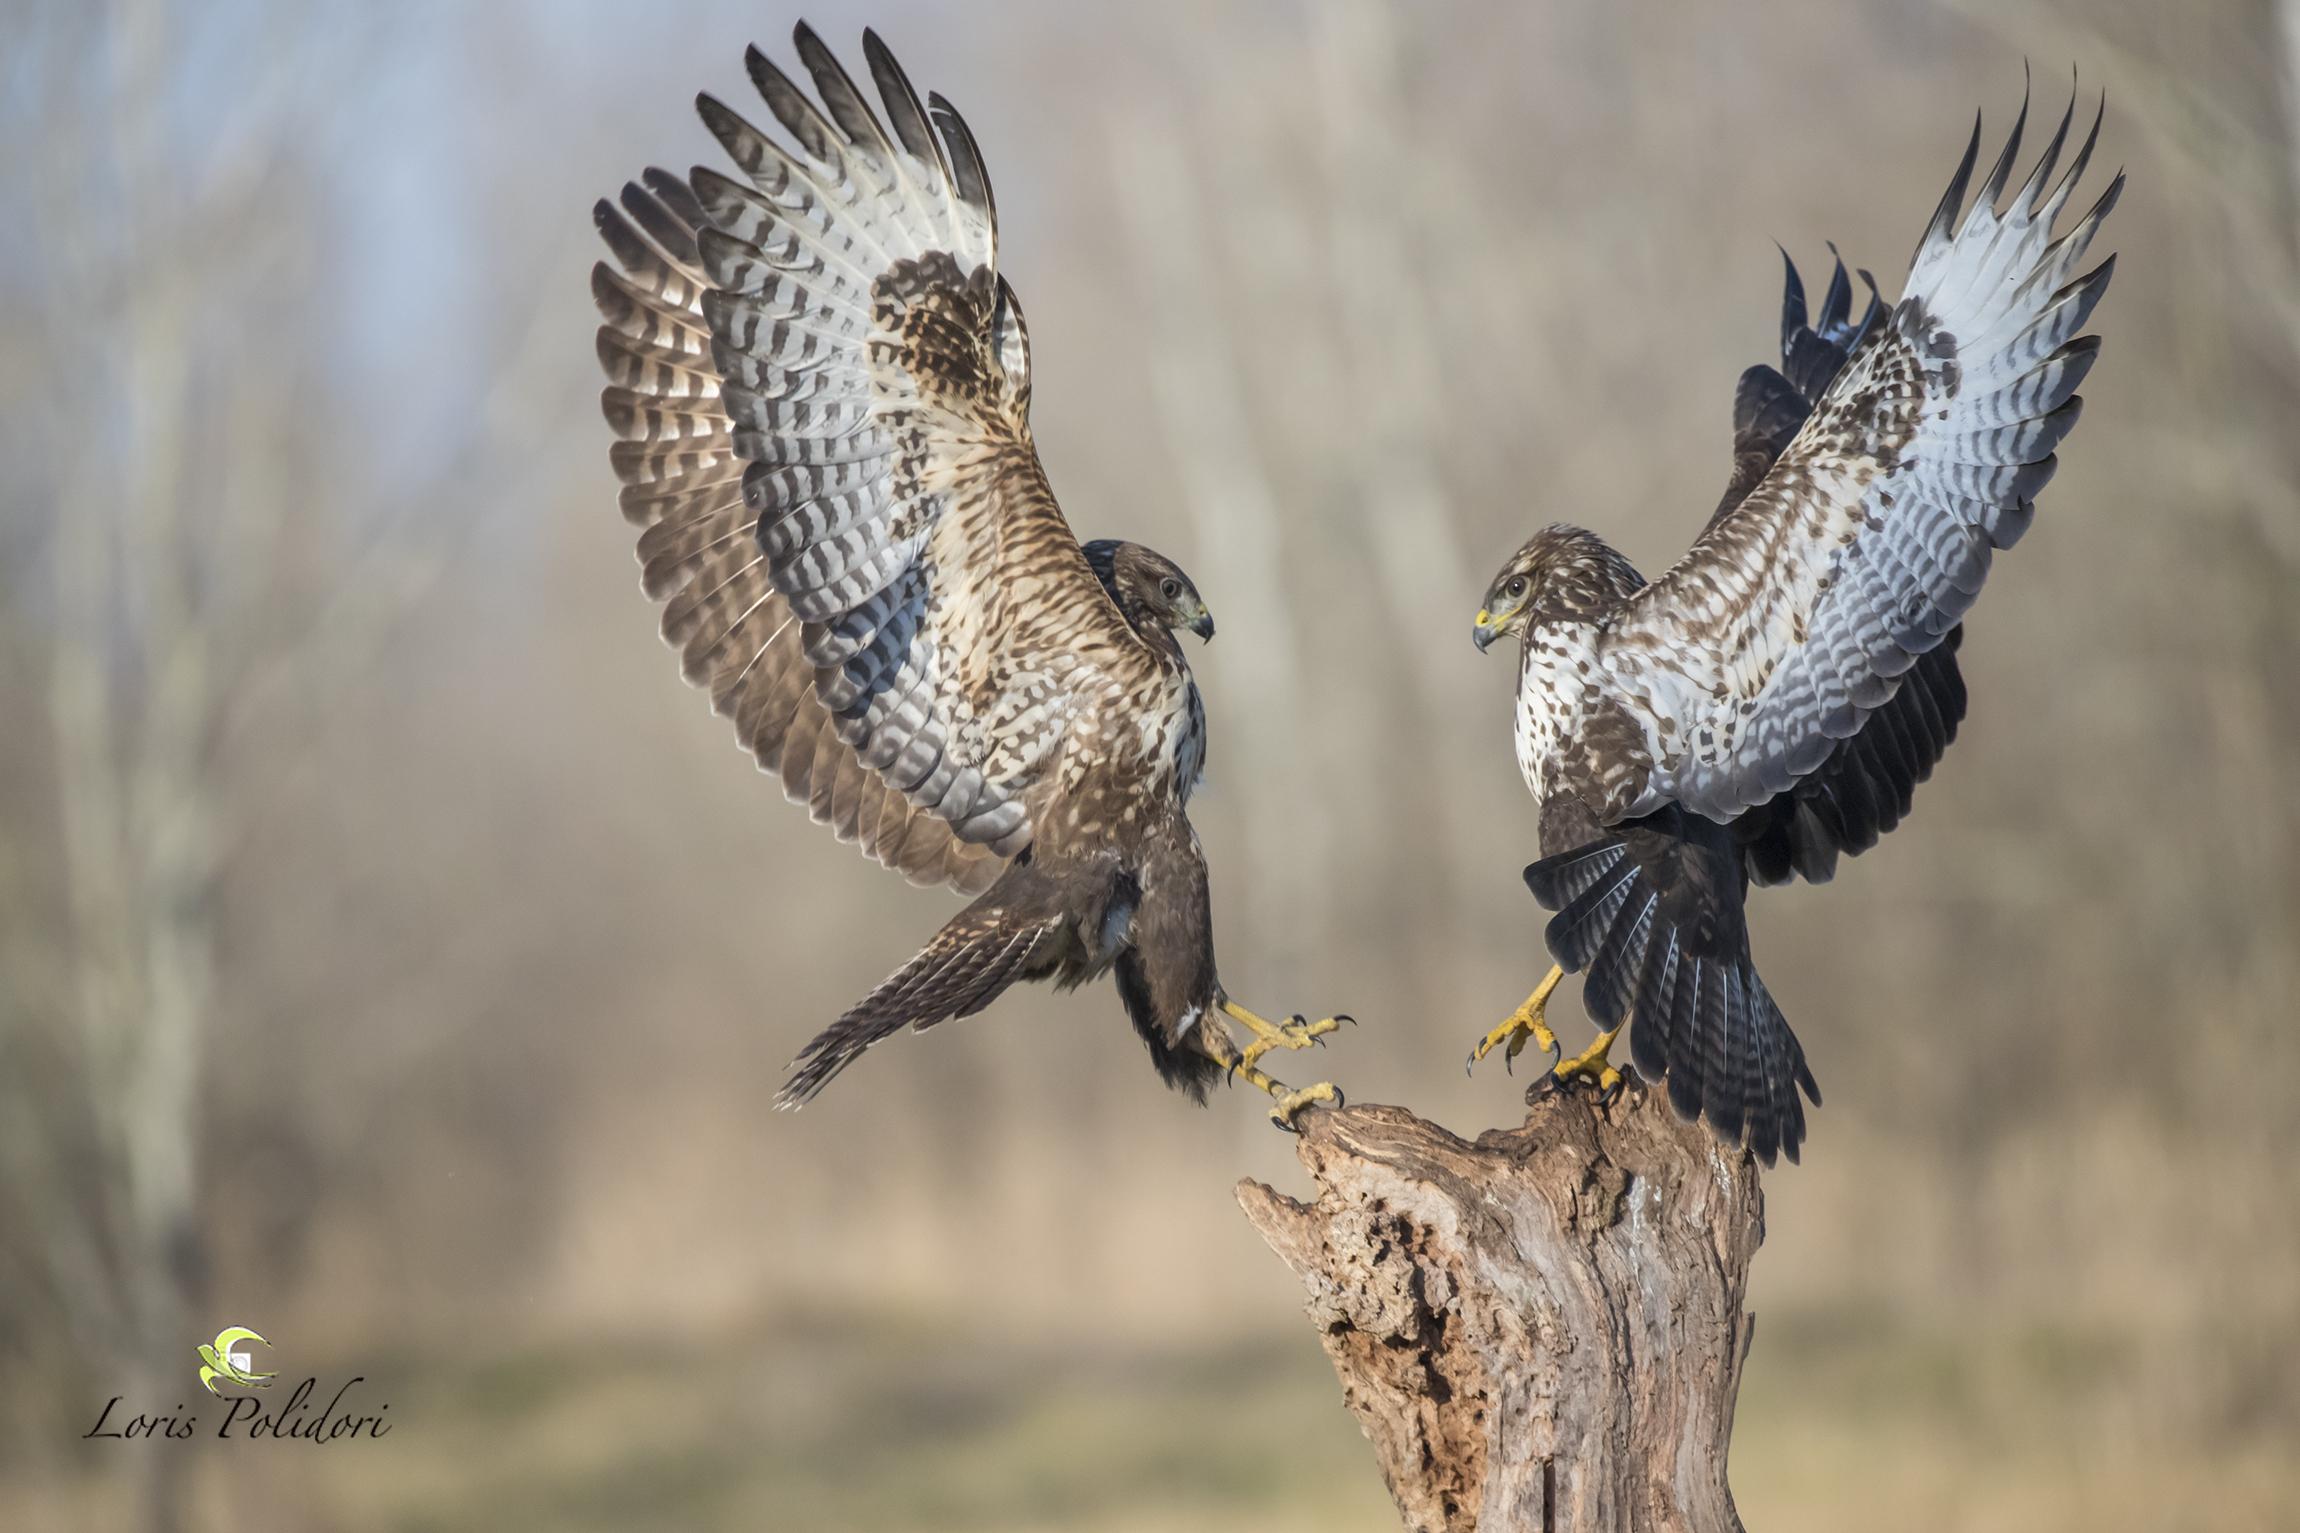 Fight between buzzards...